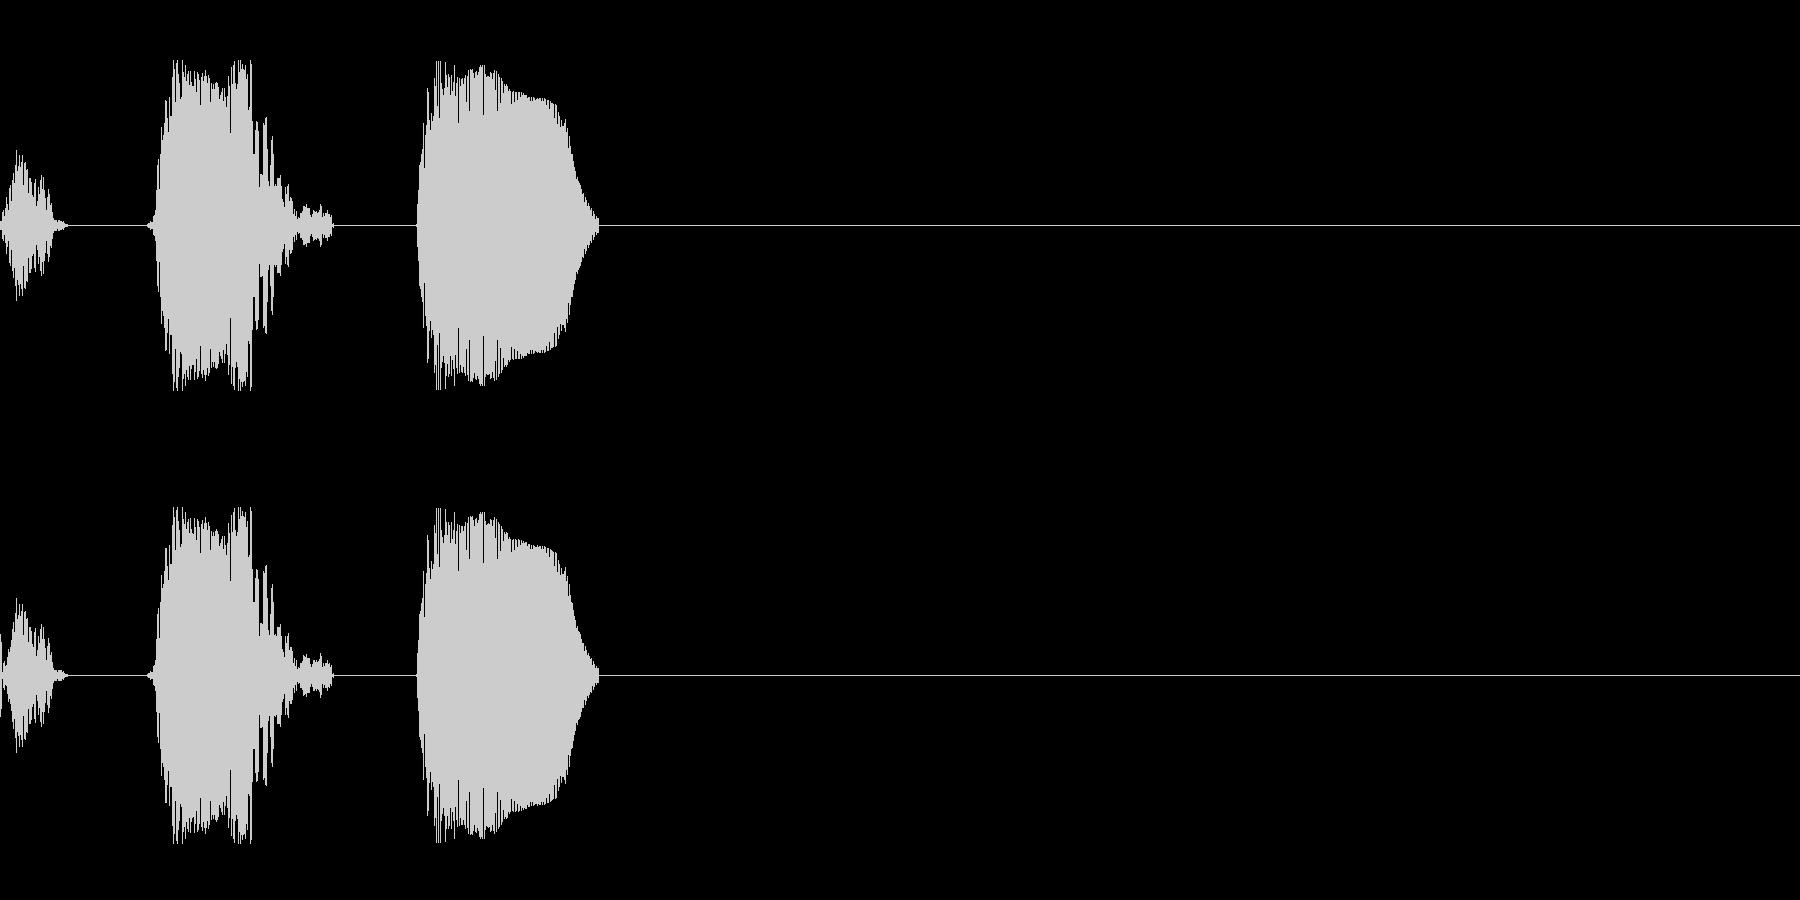 モンスターの鳴き声 2(鳥系)の未再生の波形